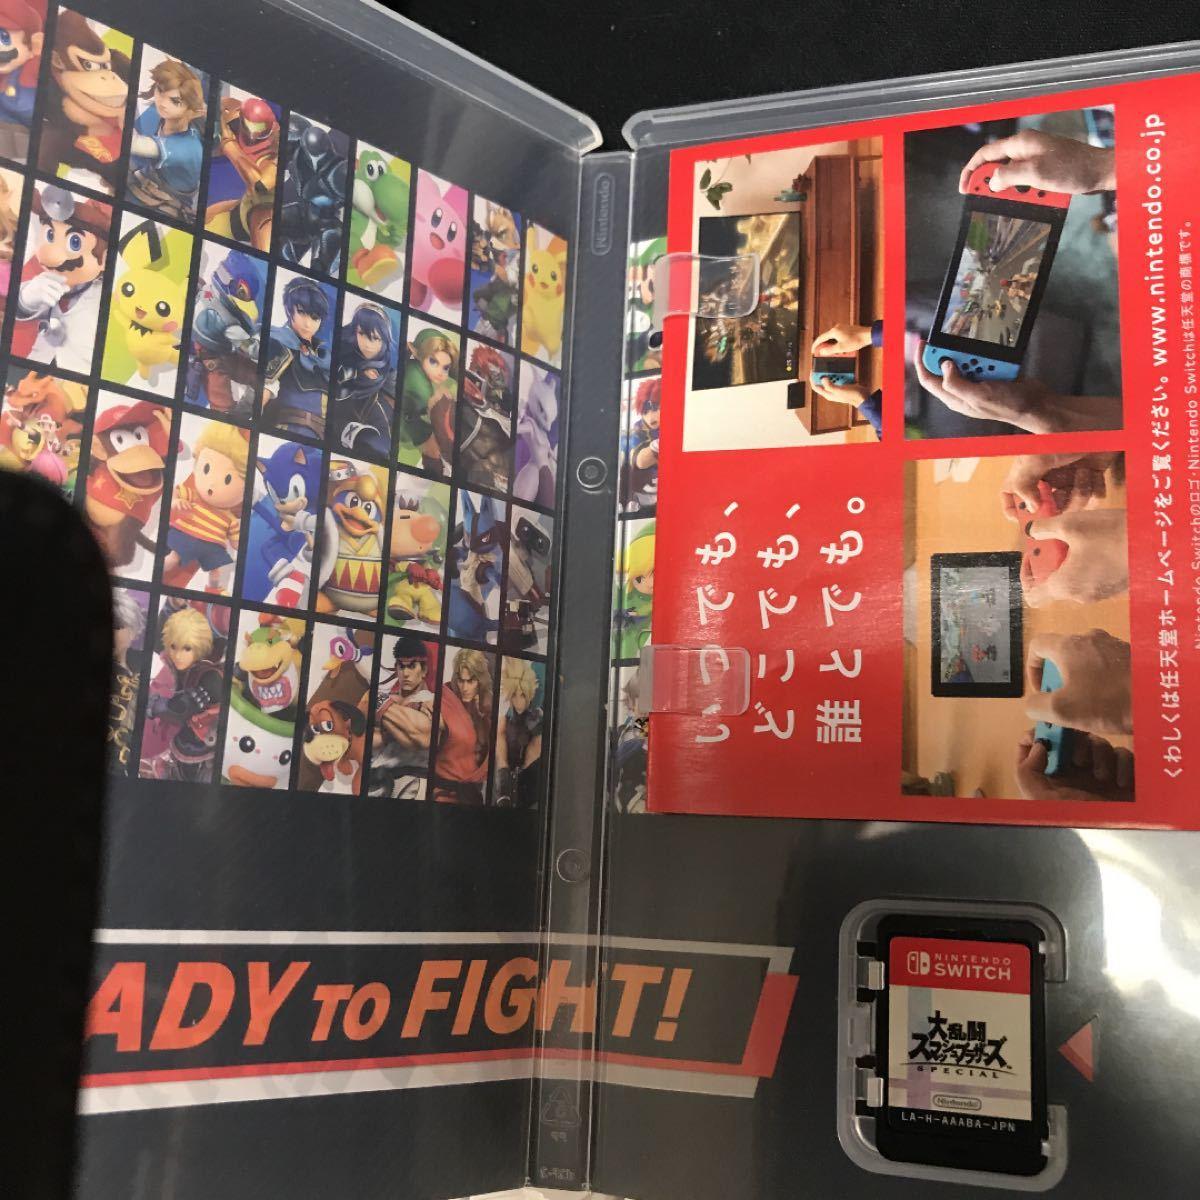 大乱闘スマッシュブラザーズSPECIAL Nintendo Switch スマブラ 任天堂 ニンテンドースイッチ